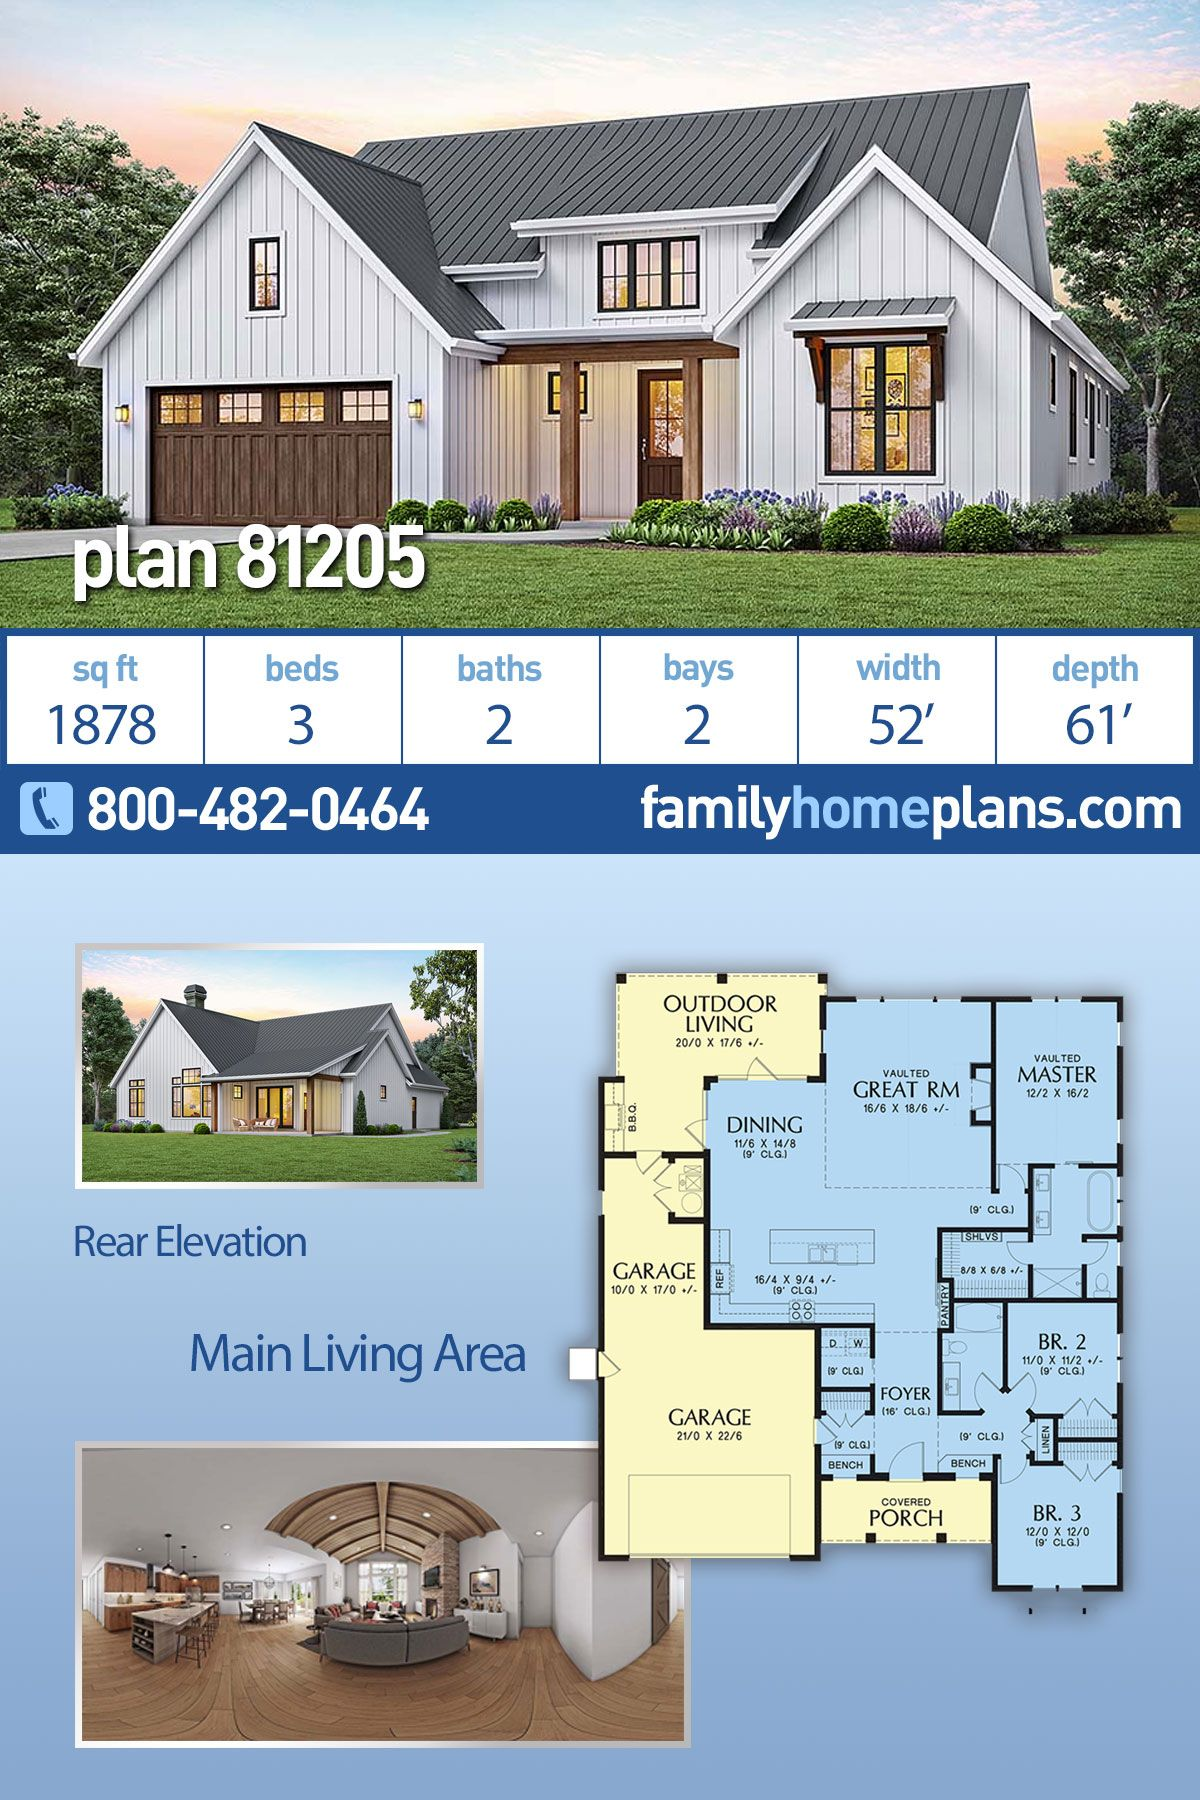 Farmhouse Style House Plan 81205 With 3 Bed 2 Bath 2 Car Garage Country House Design Farmhouse Style House Plans Modern Style House Plans